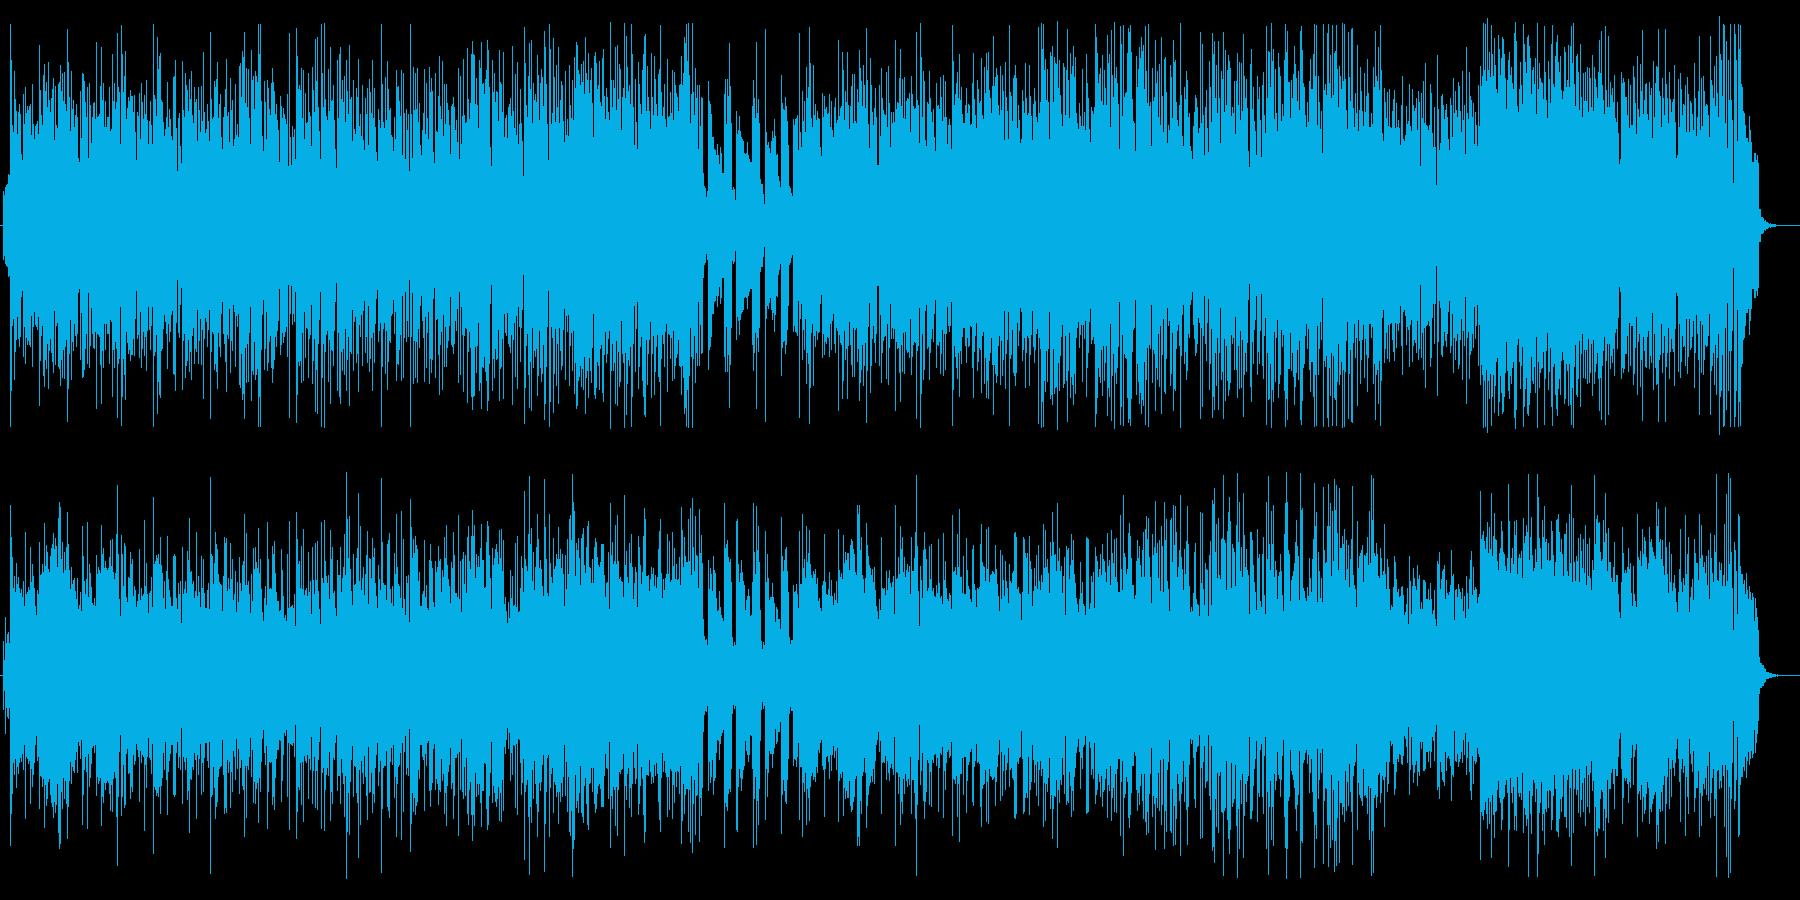 美しく軽快なポップミュージックの再生済みの波形